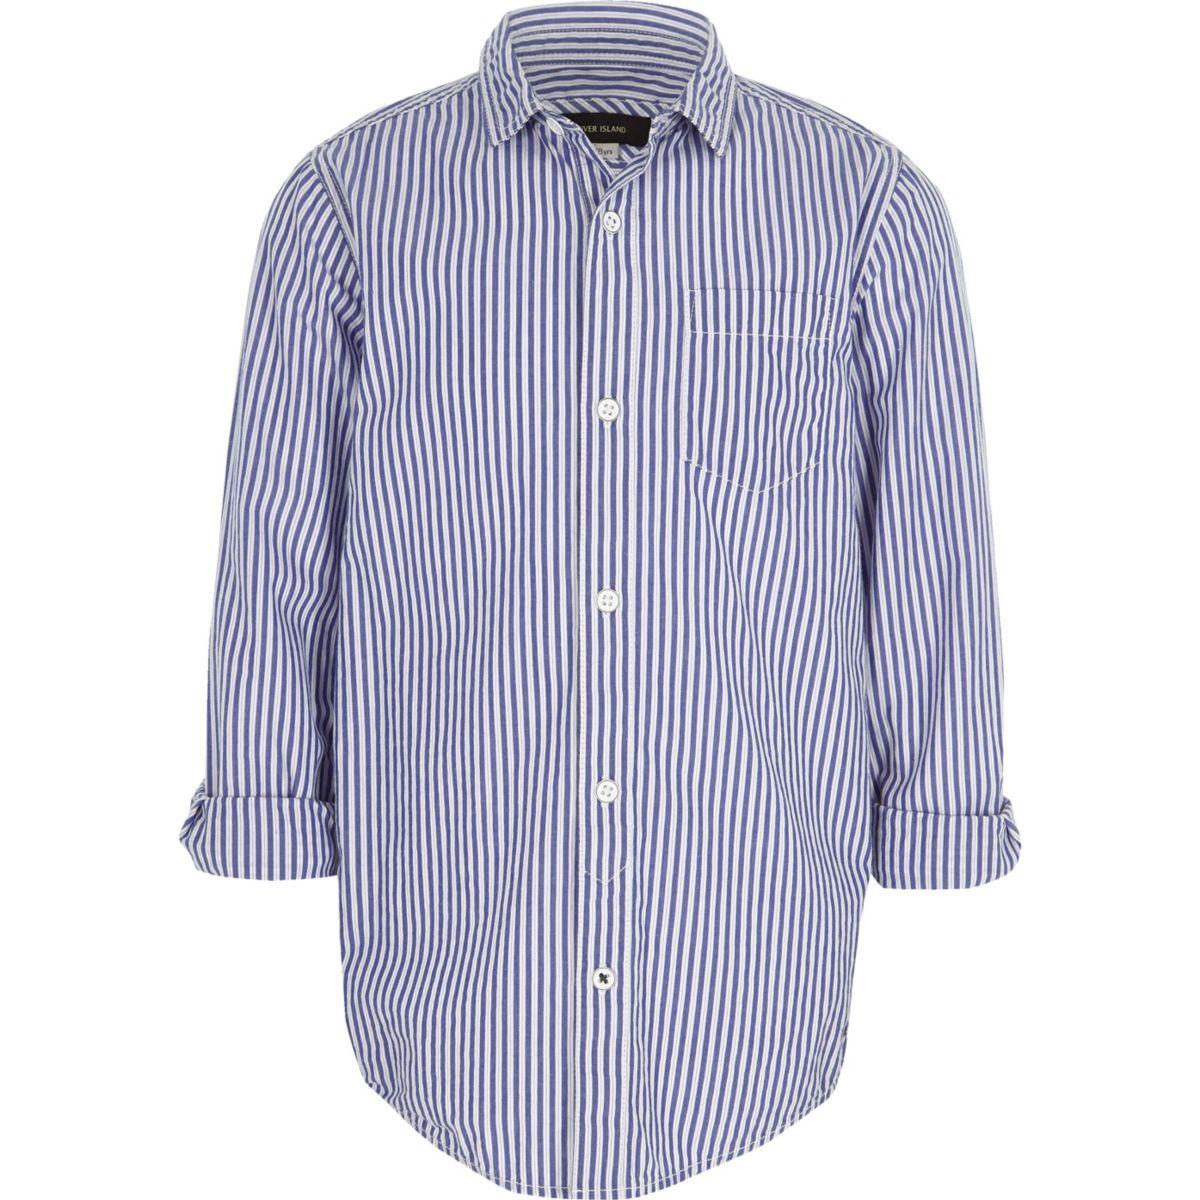 Chemise bleue rayée garçon